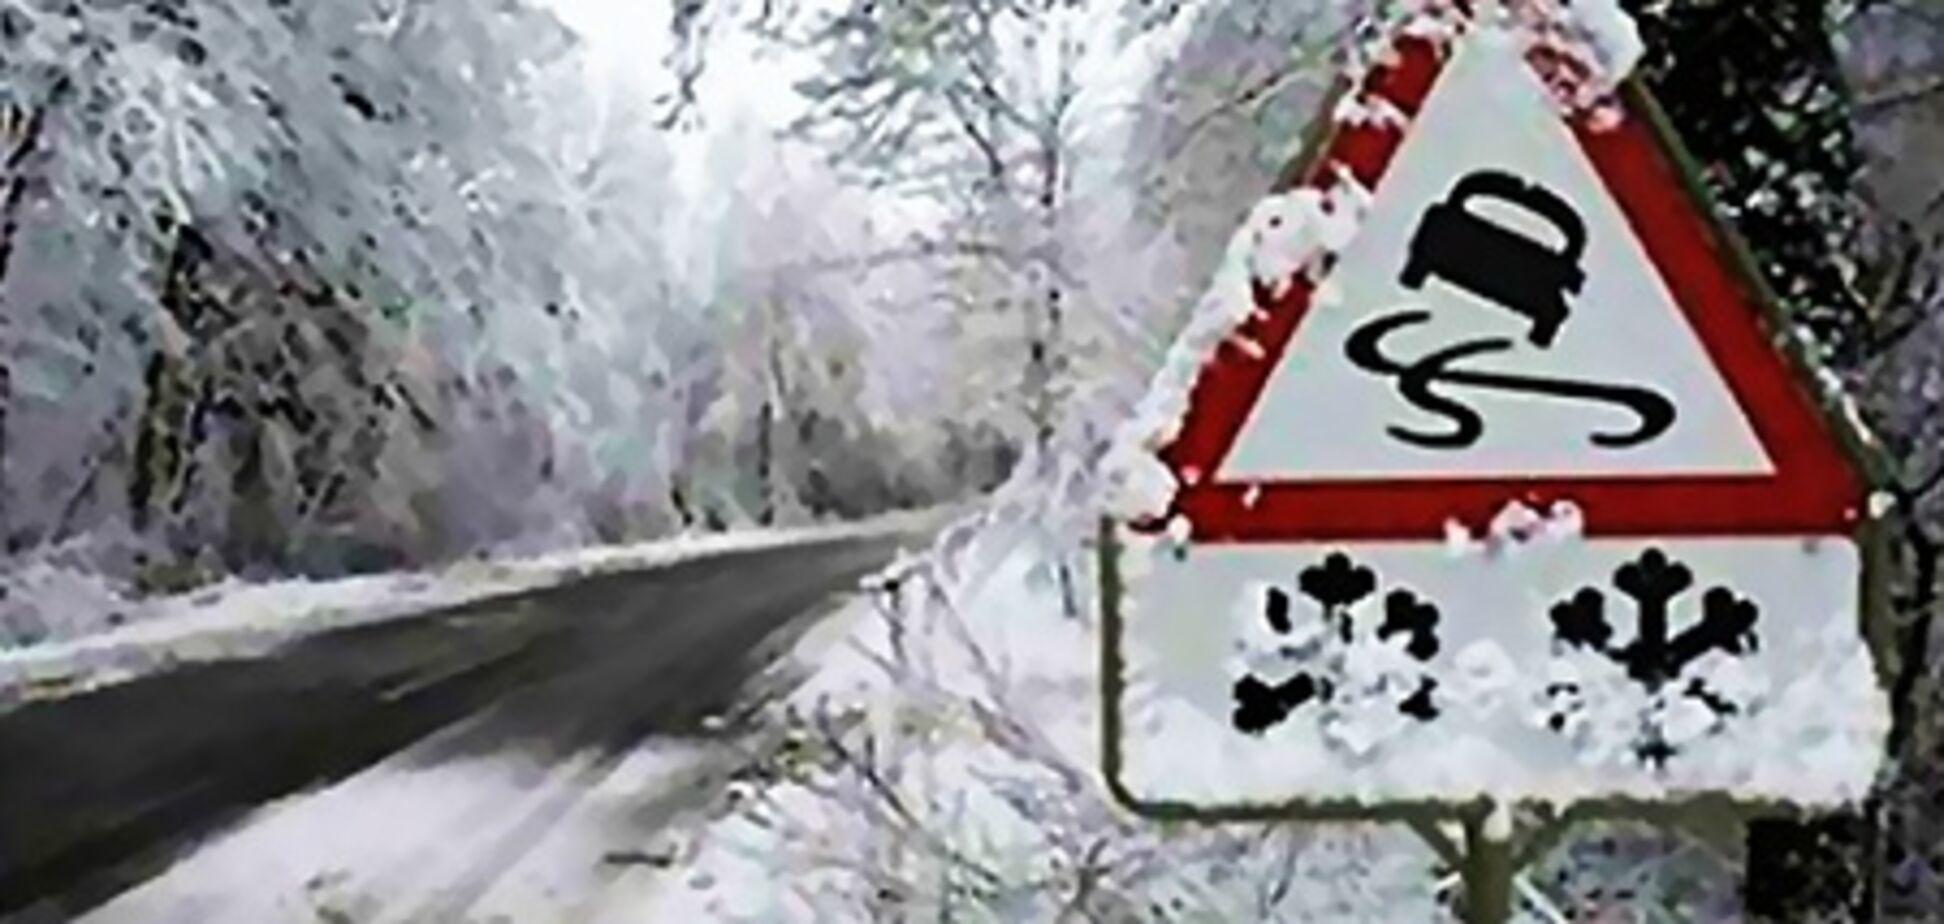 Ситуація на дорогах 22 грудня: 70 ДТП, дев'ять загиблих